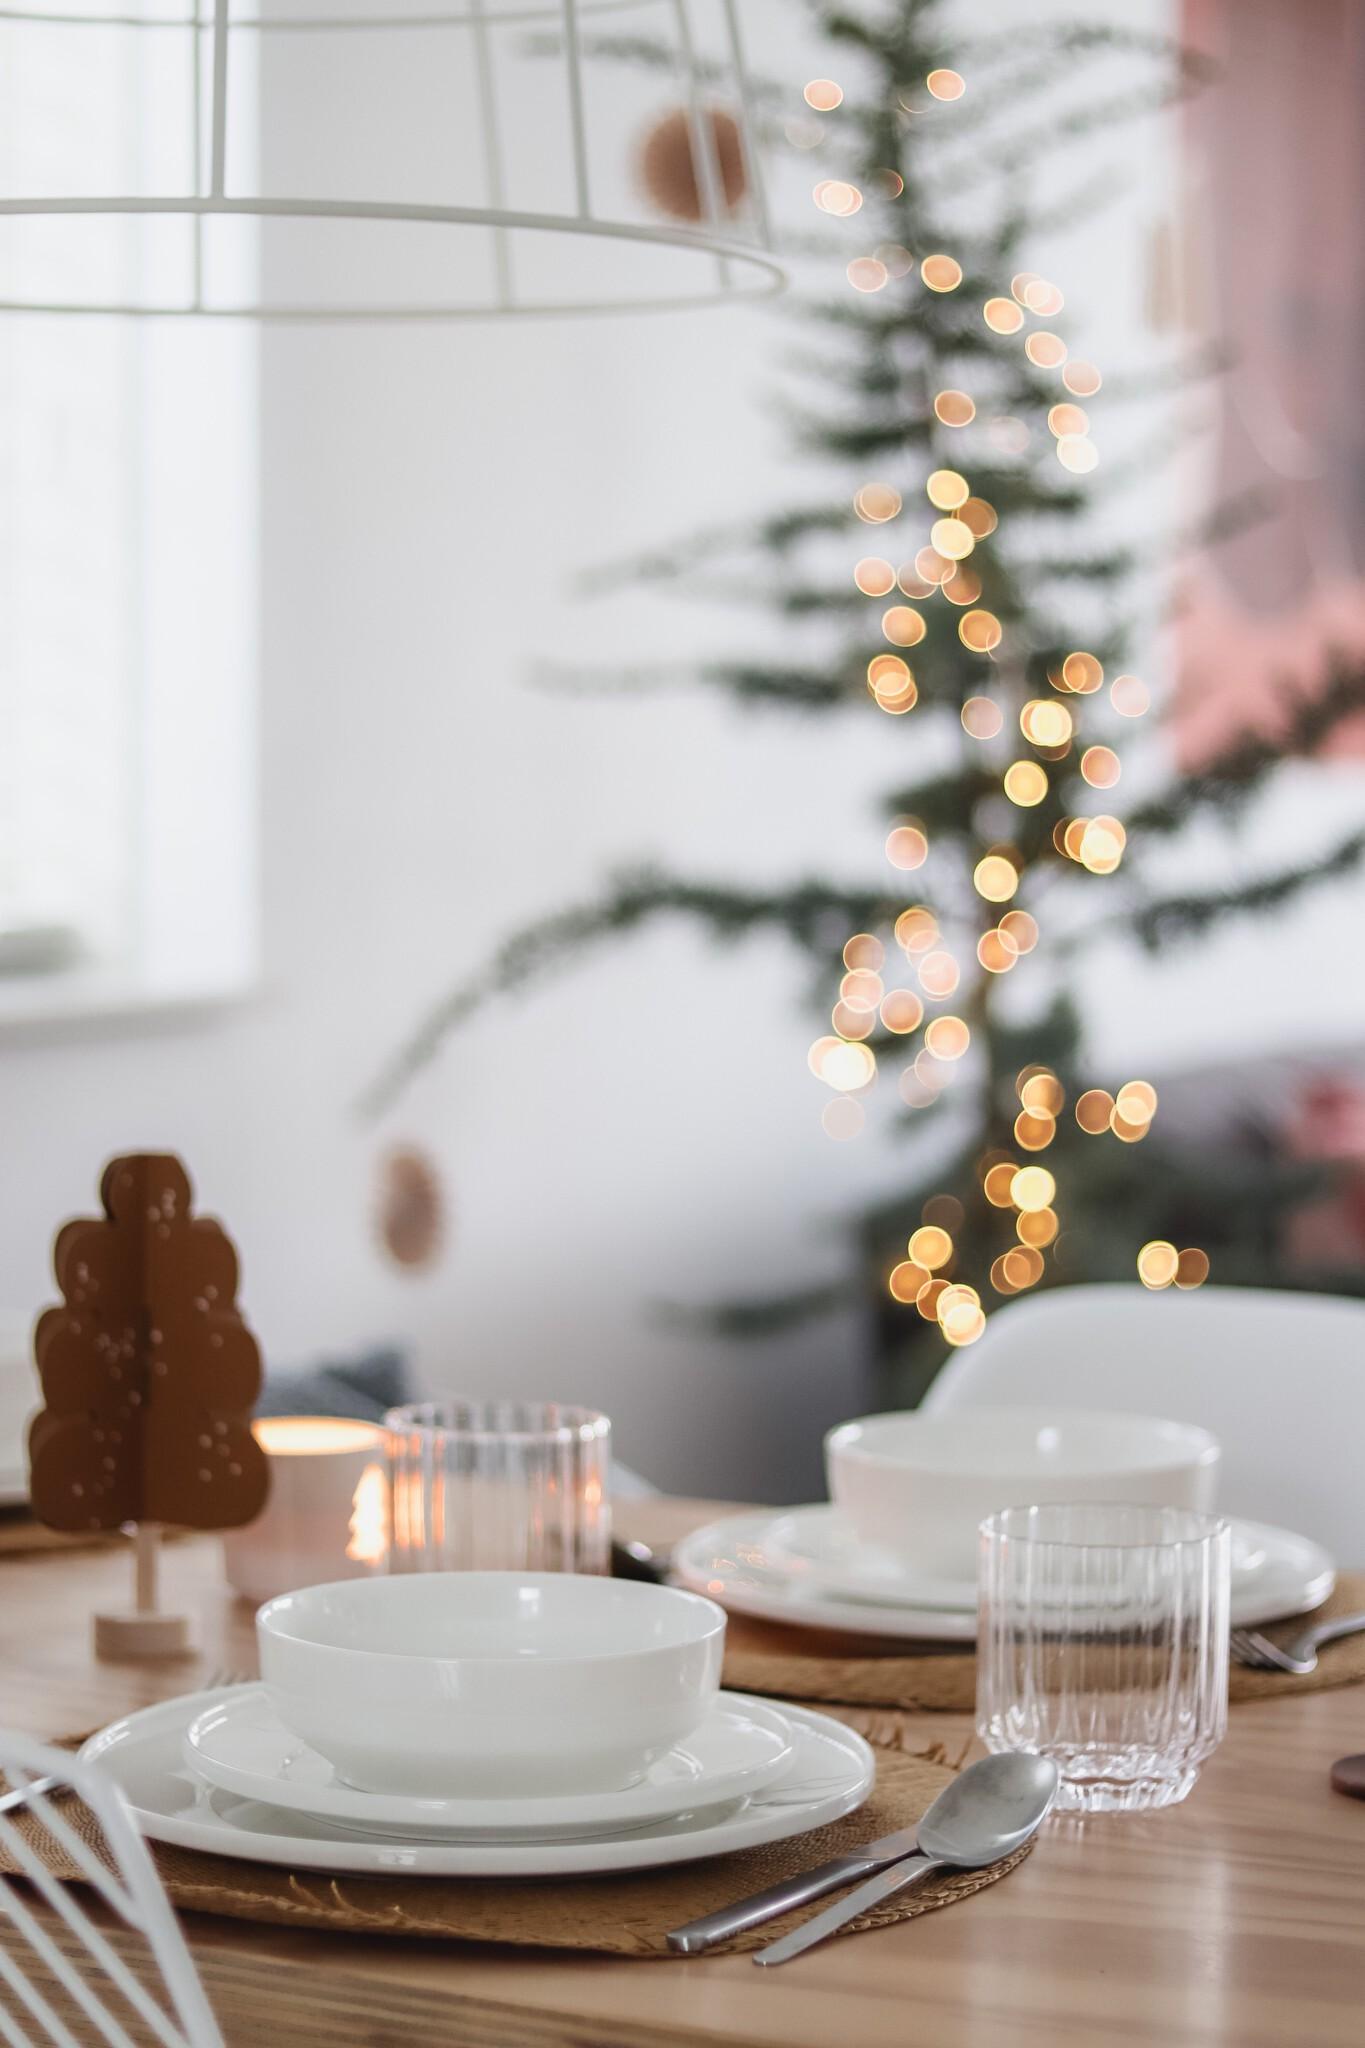 Minimalistische kersttafel met wit servies